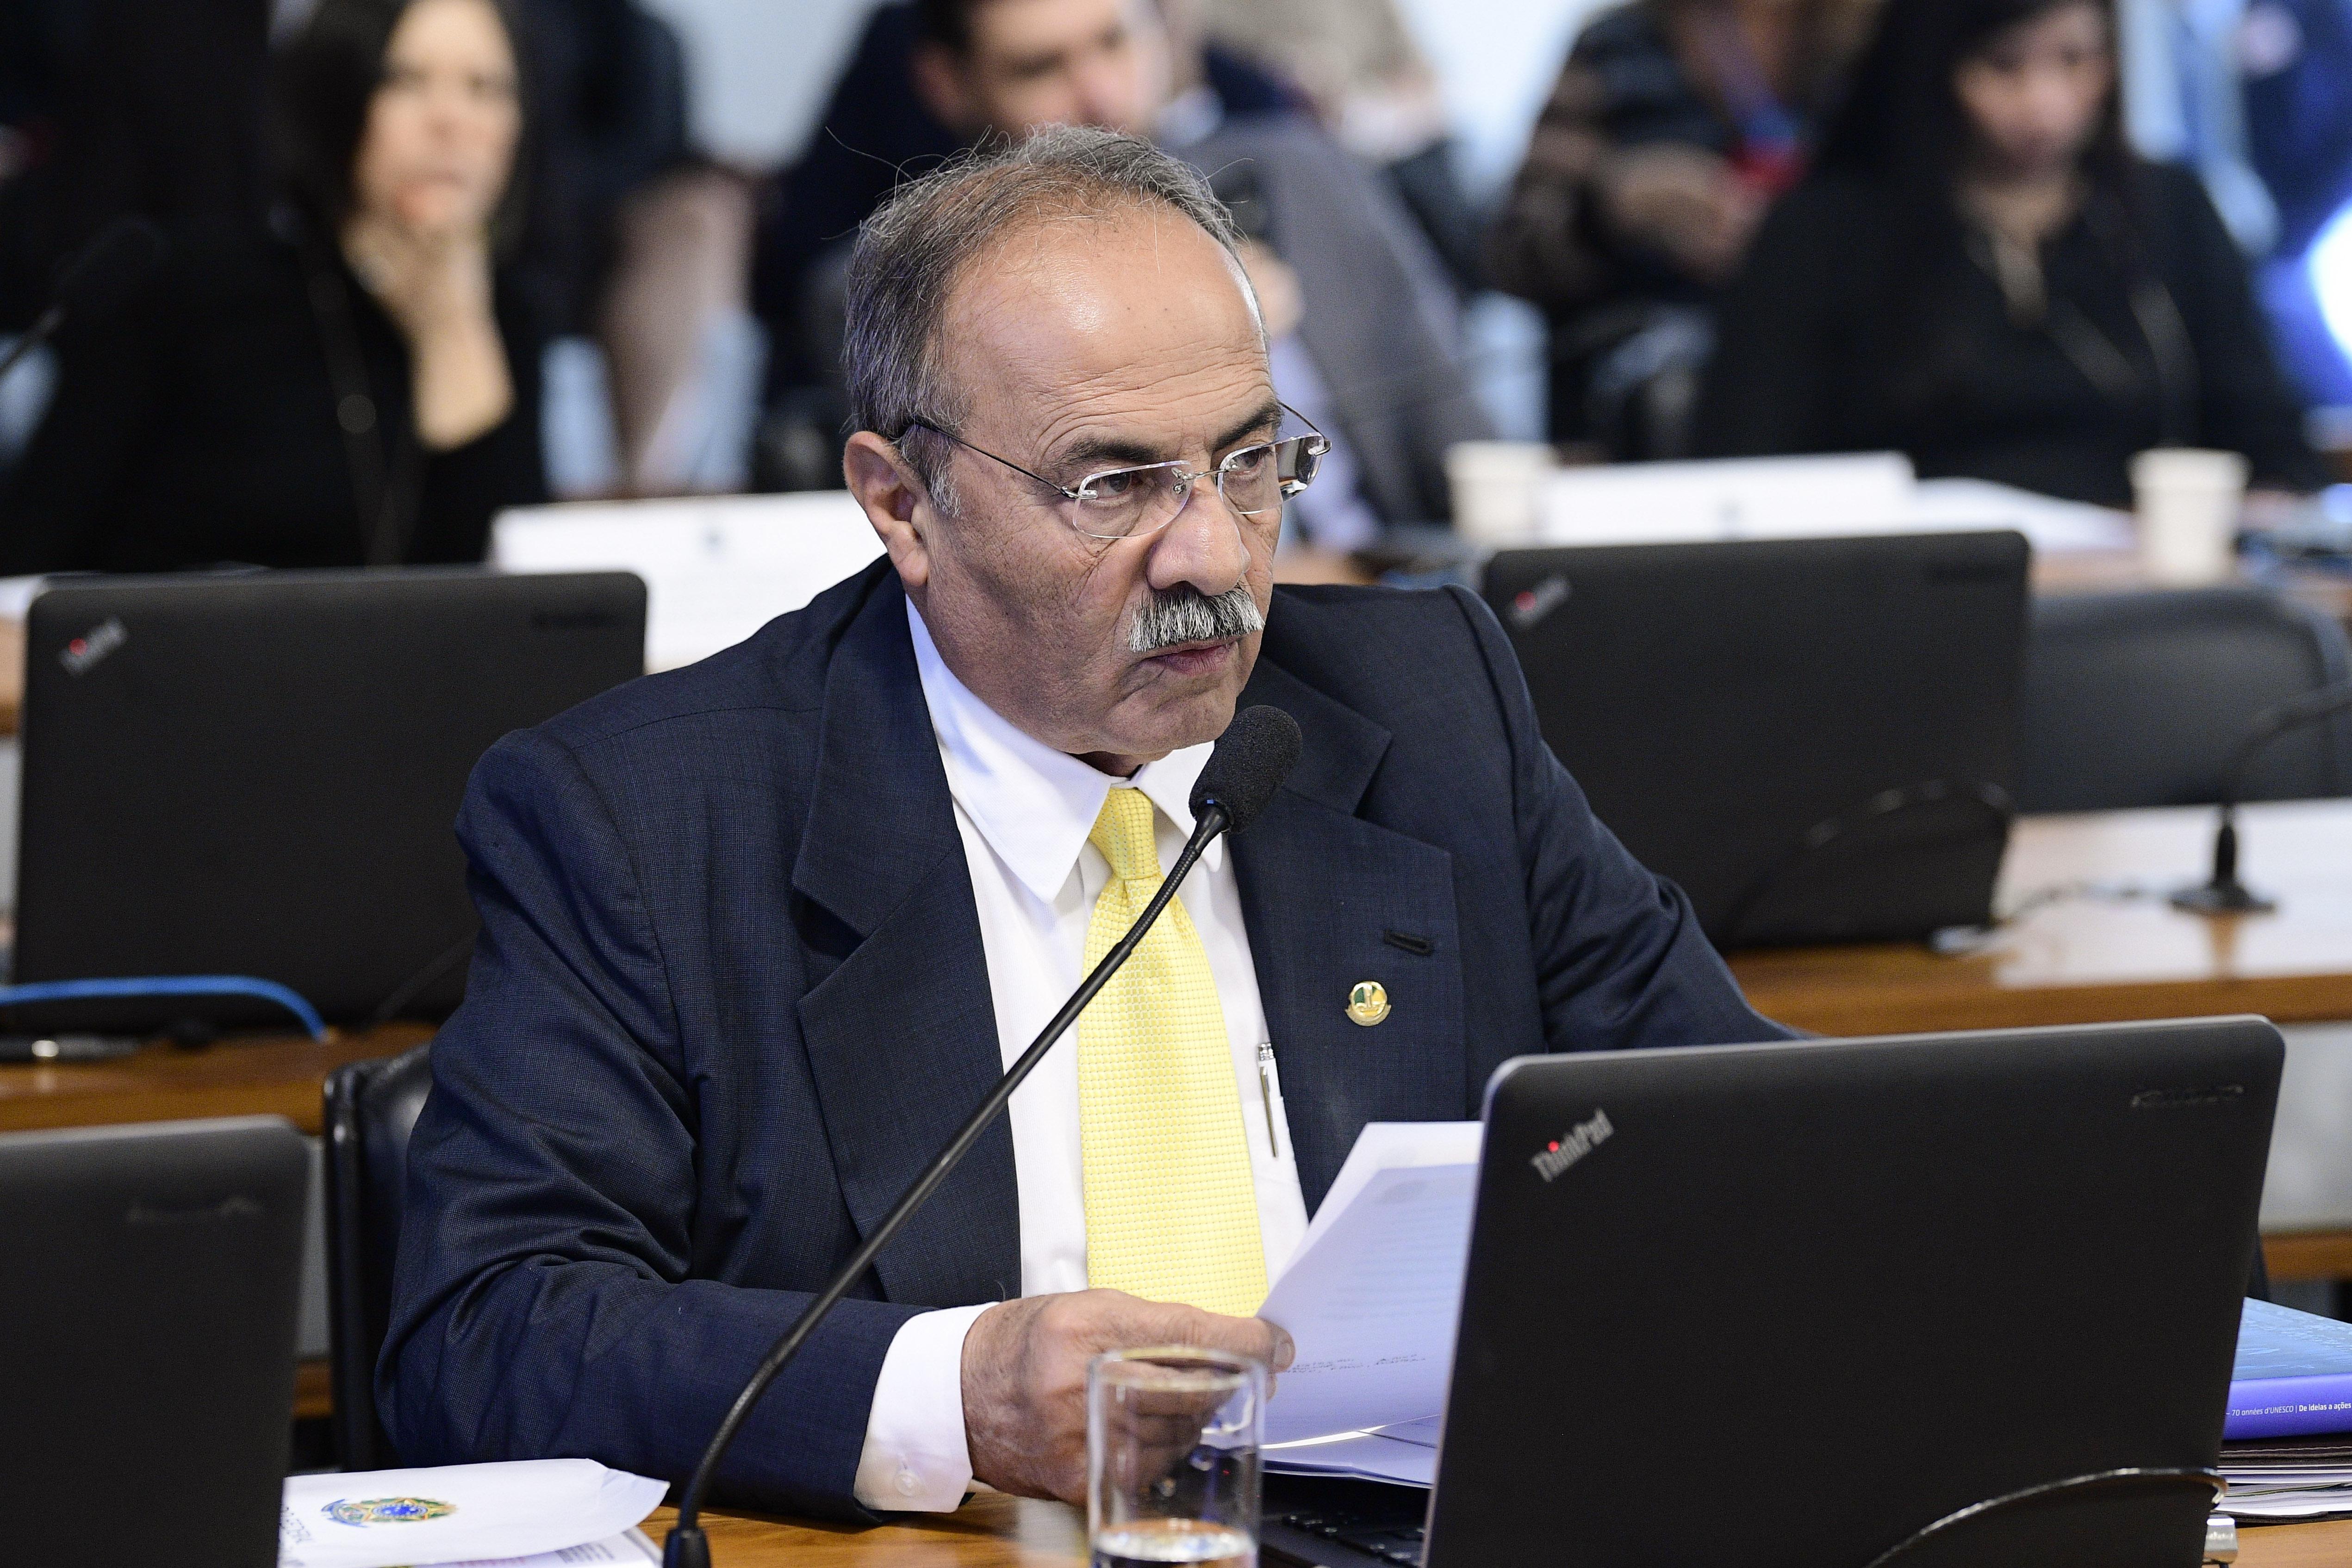 IMAGEM: MP de Roraima pede acesso a provas de inquérito sobre Chico Rodrigues